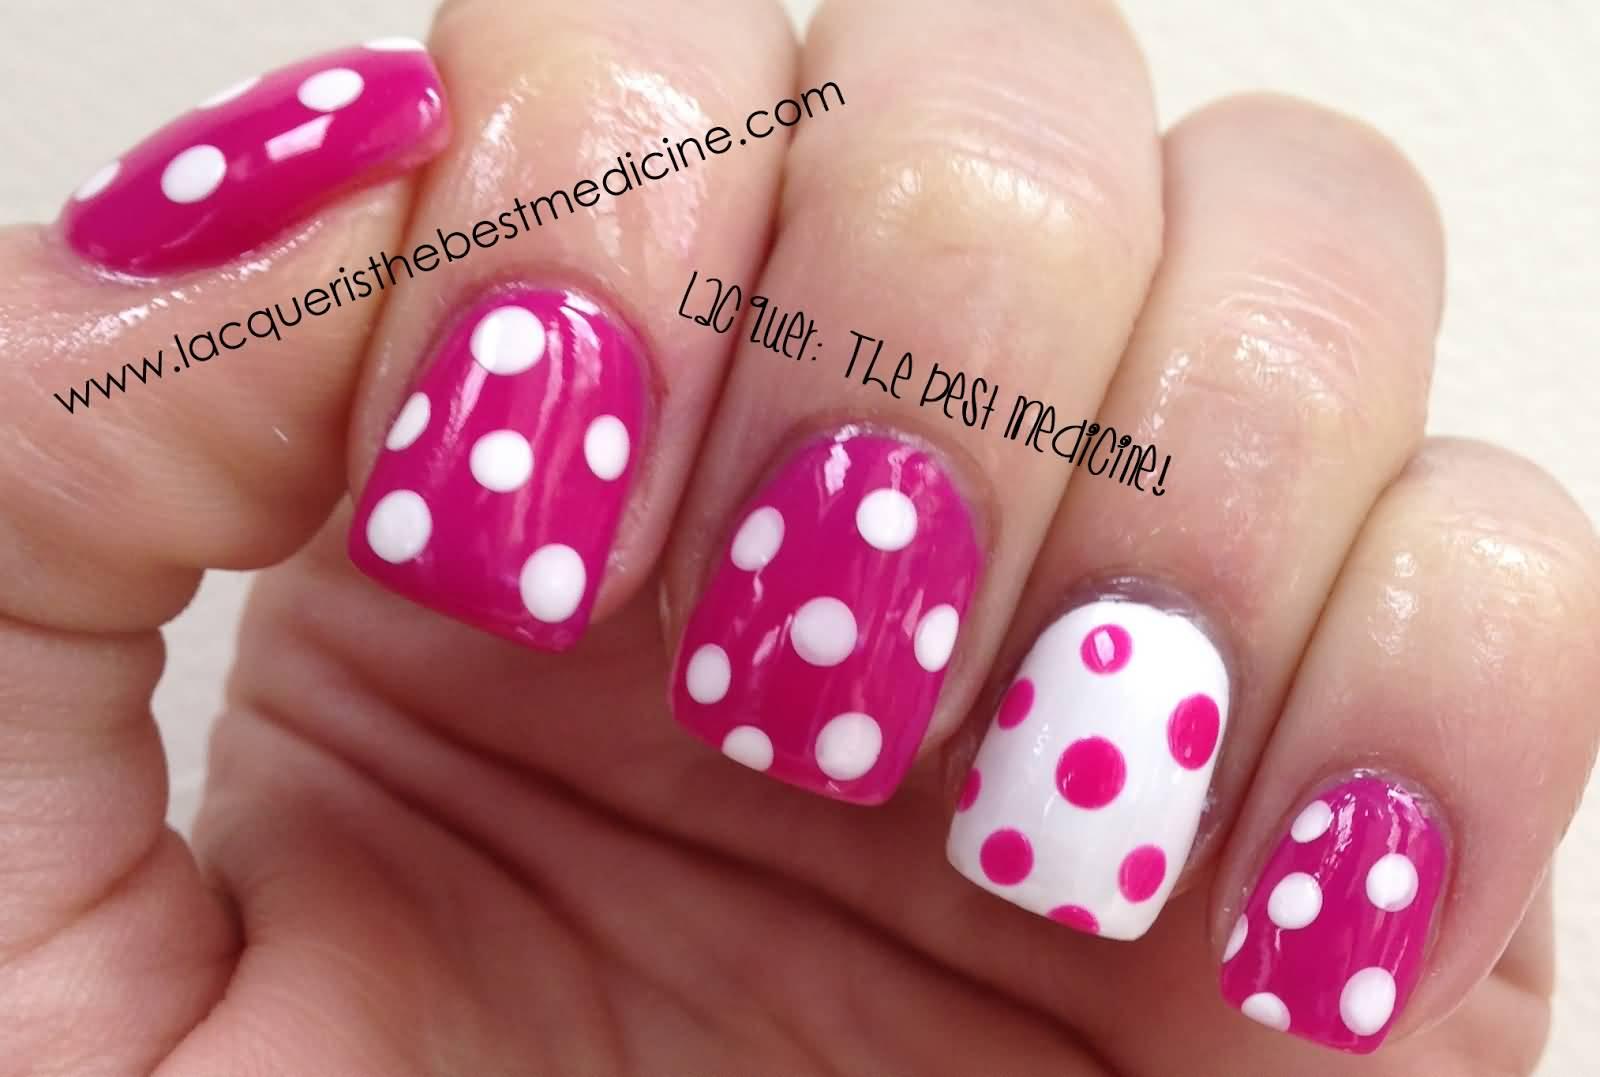 35 beautiful pink polka dots nail art designs cute pink and white polka dots nail art prinsesfo Image collections